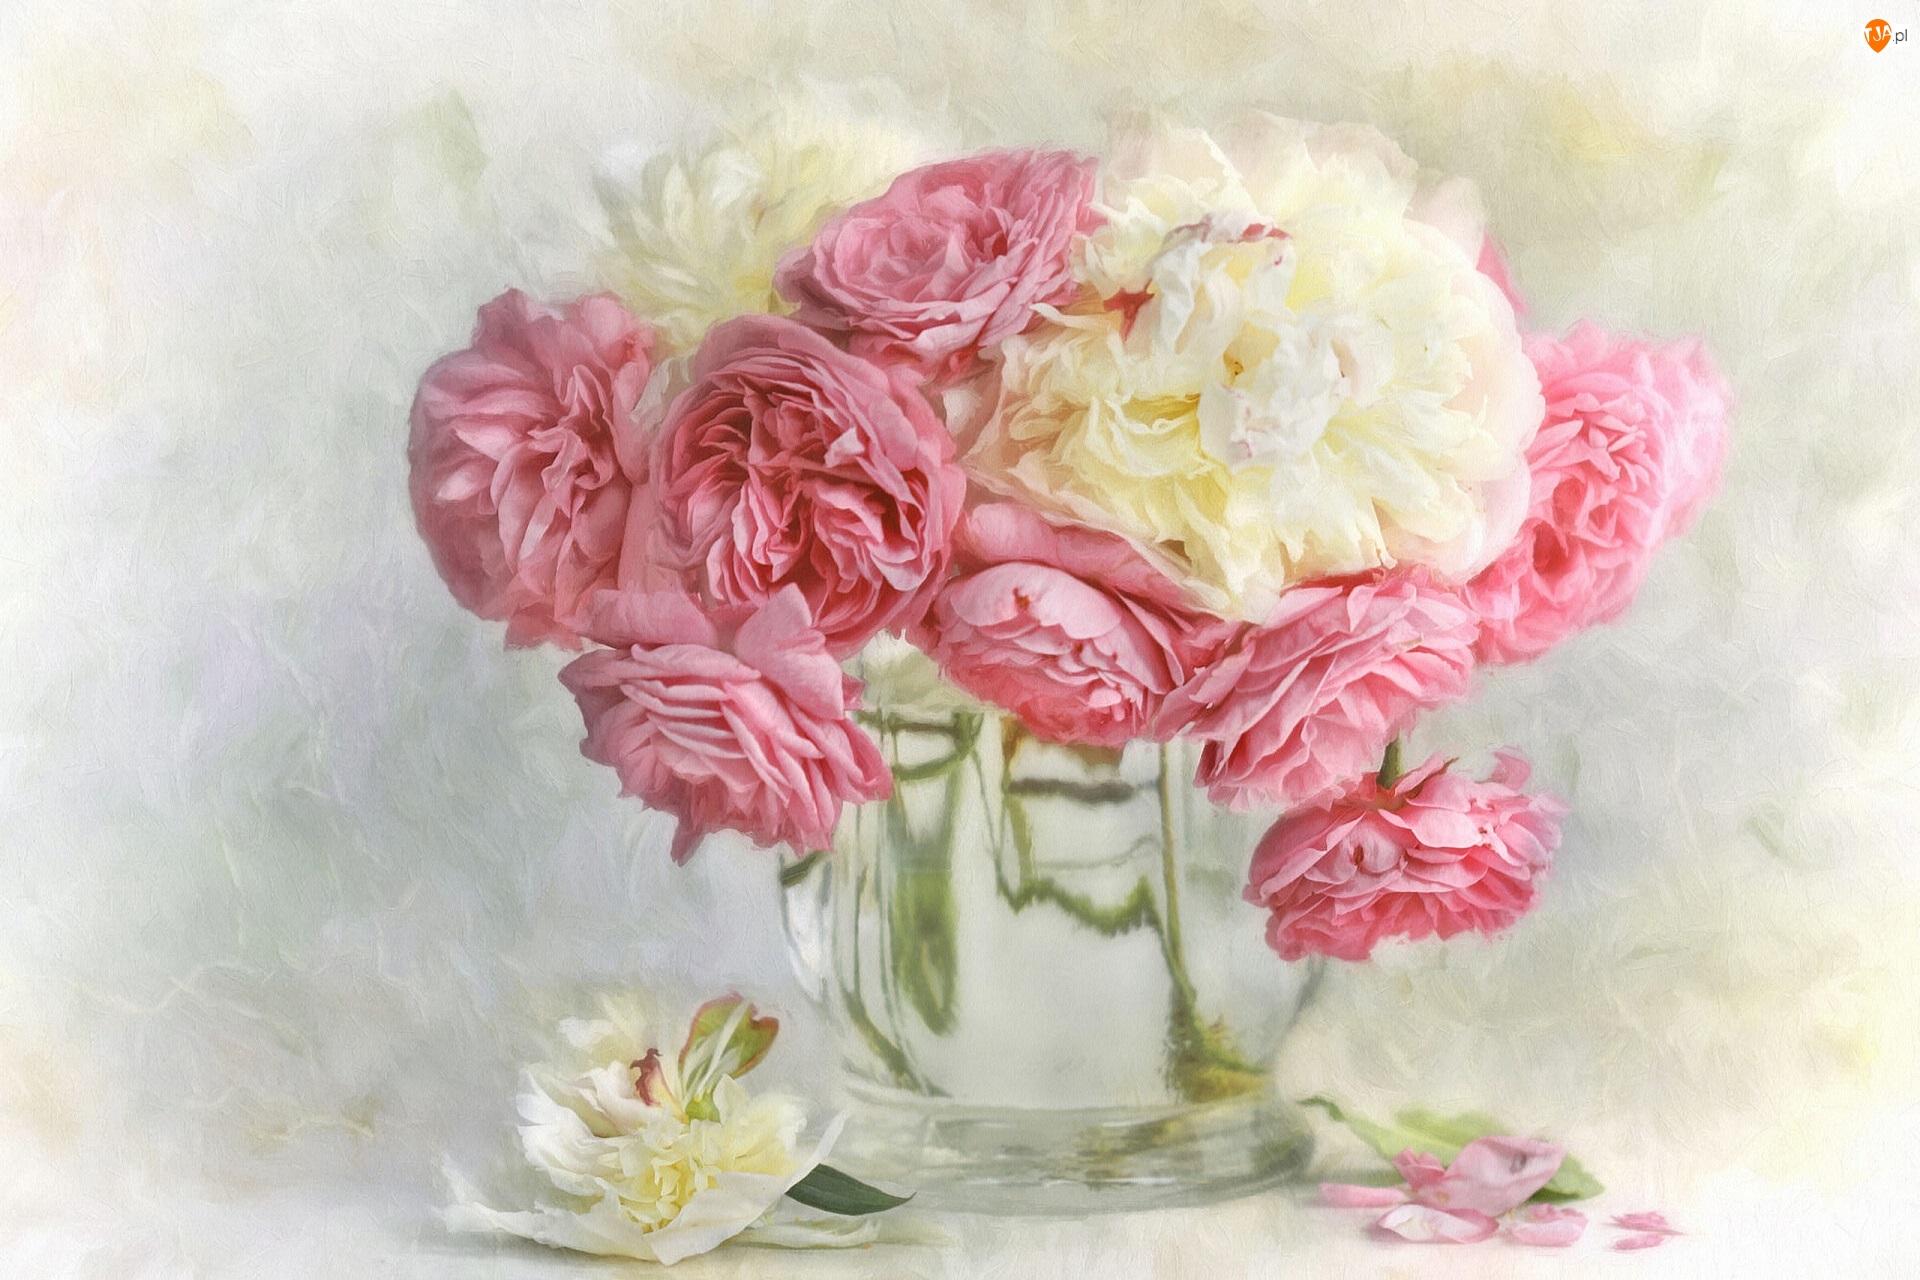 Kremowe, Wazon, Różowe, Piwonie, Bukiet, Róże, Grafika, Kwiaty